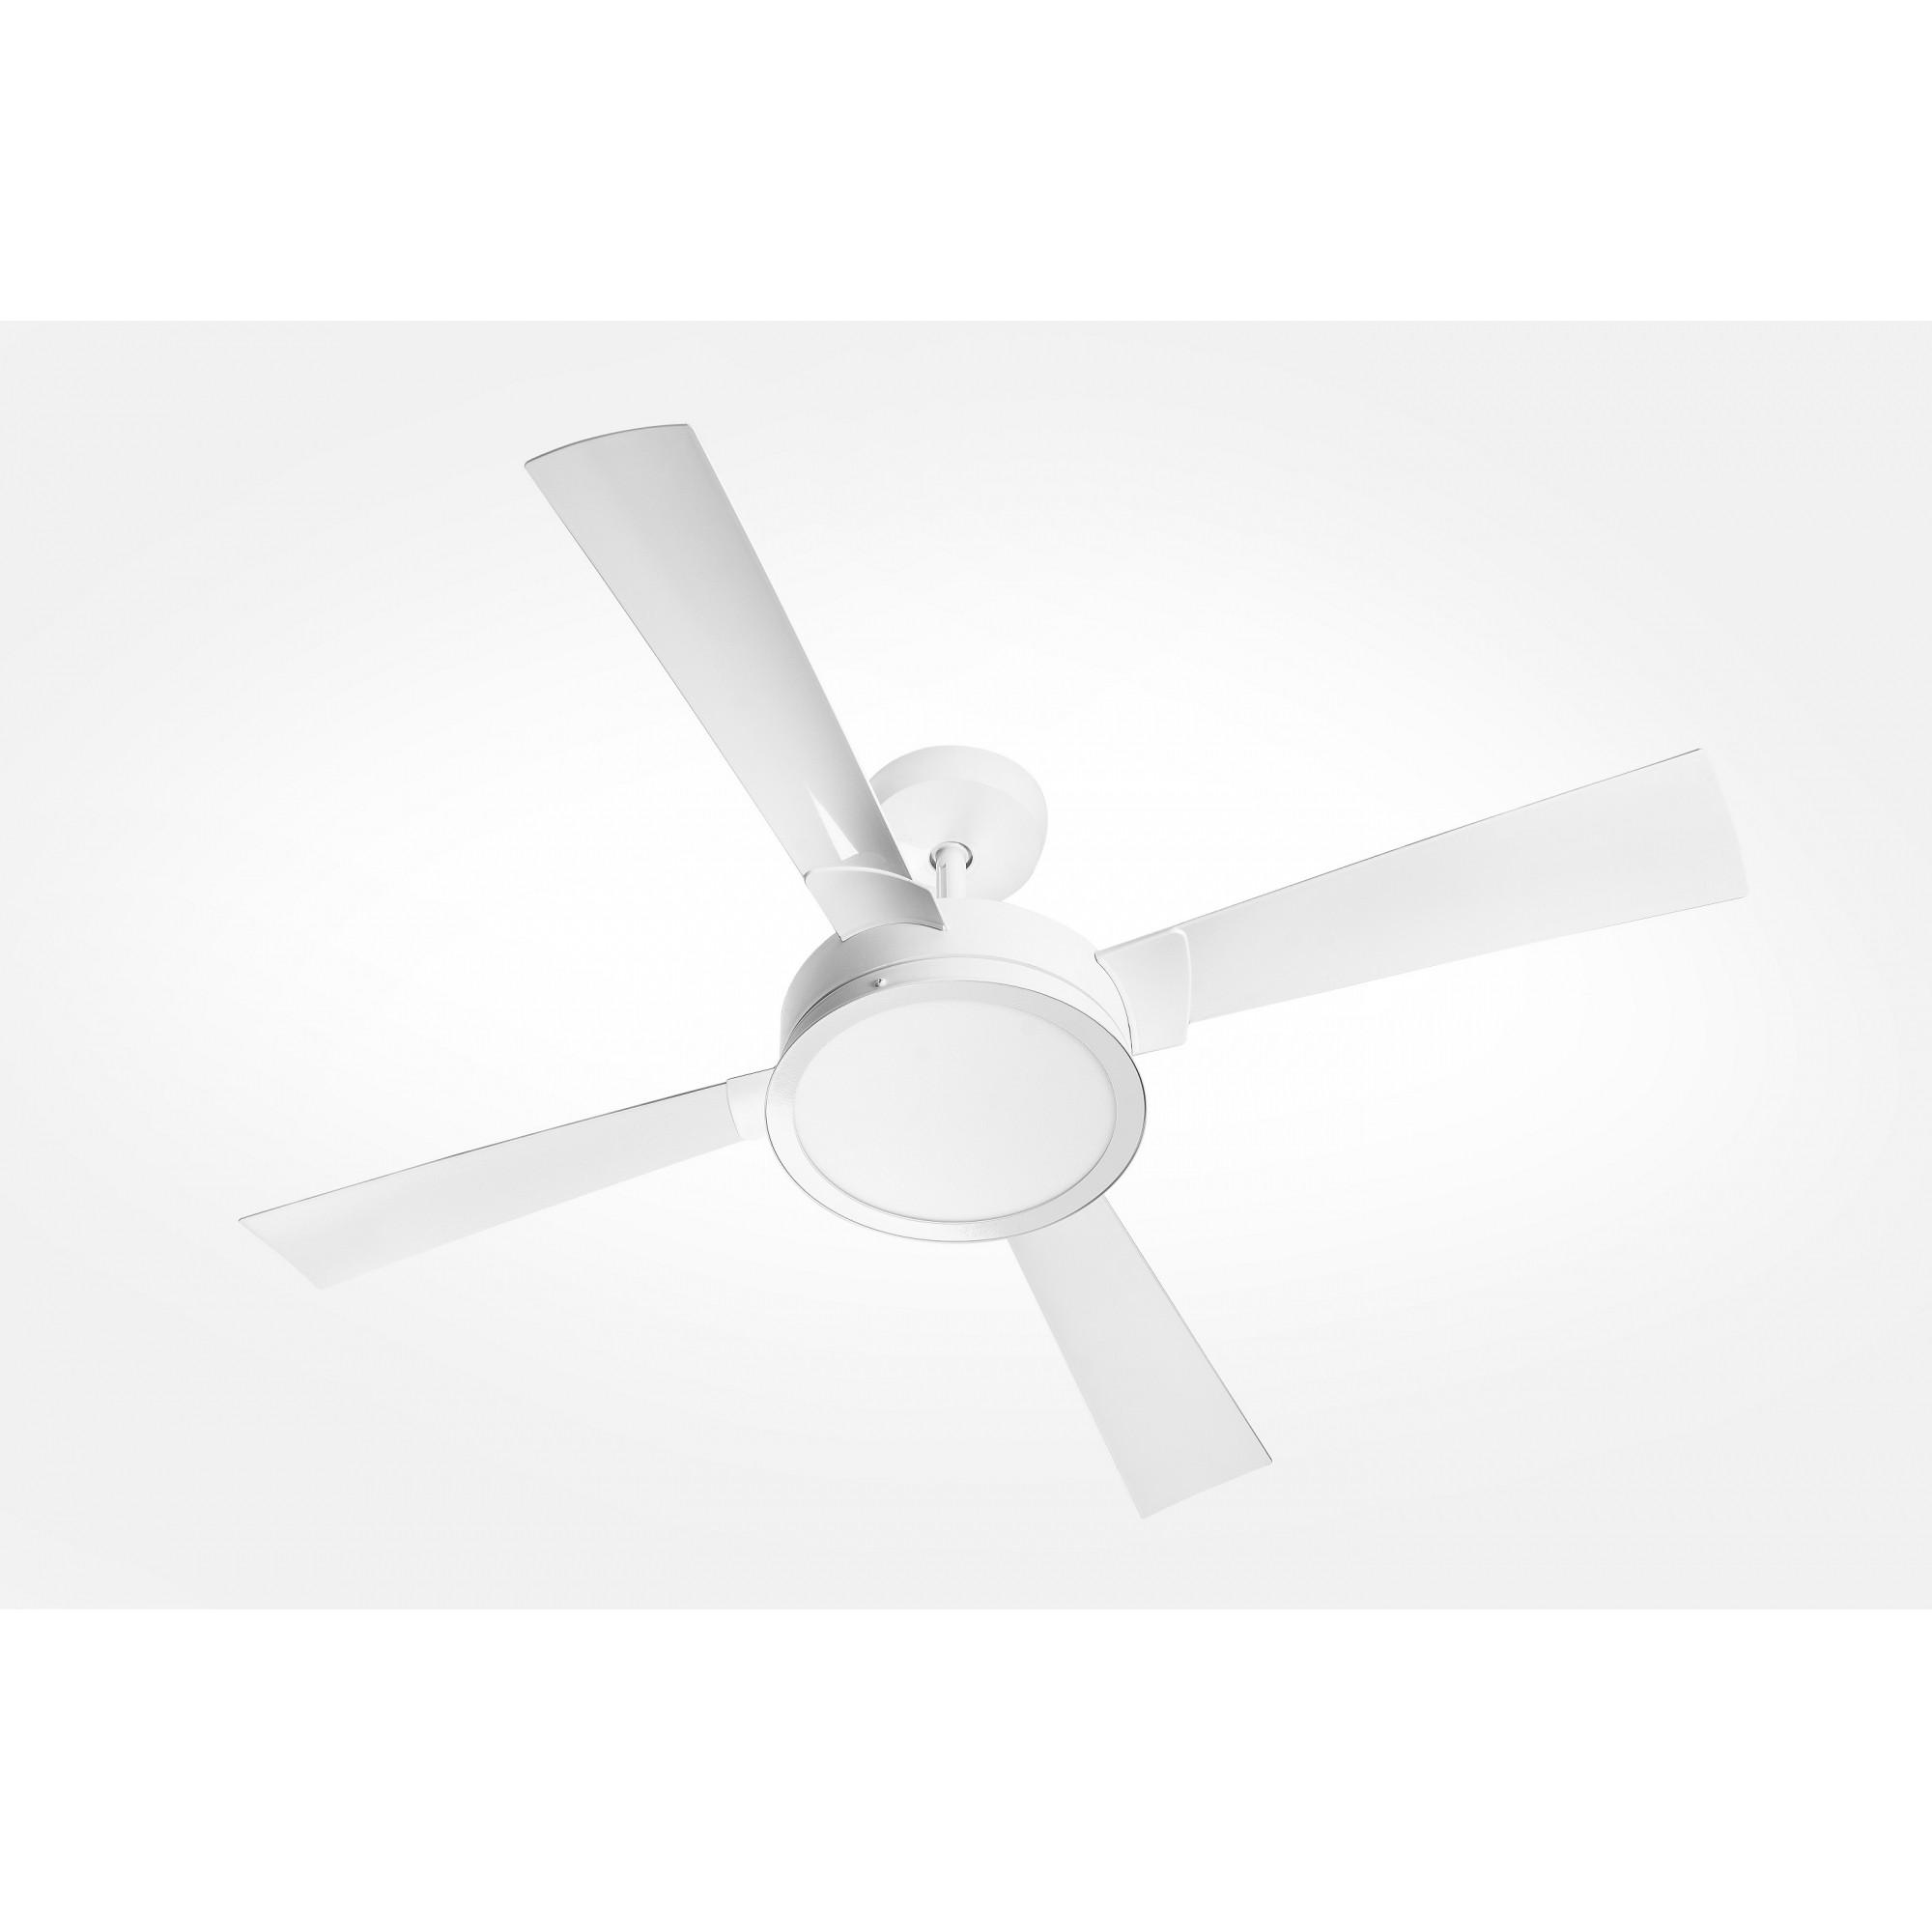 Ventilador de Teto Magnifico Branco 4 Pás Plástico 110 V AML + Controle Remoto